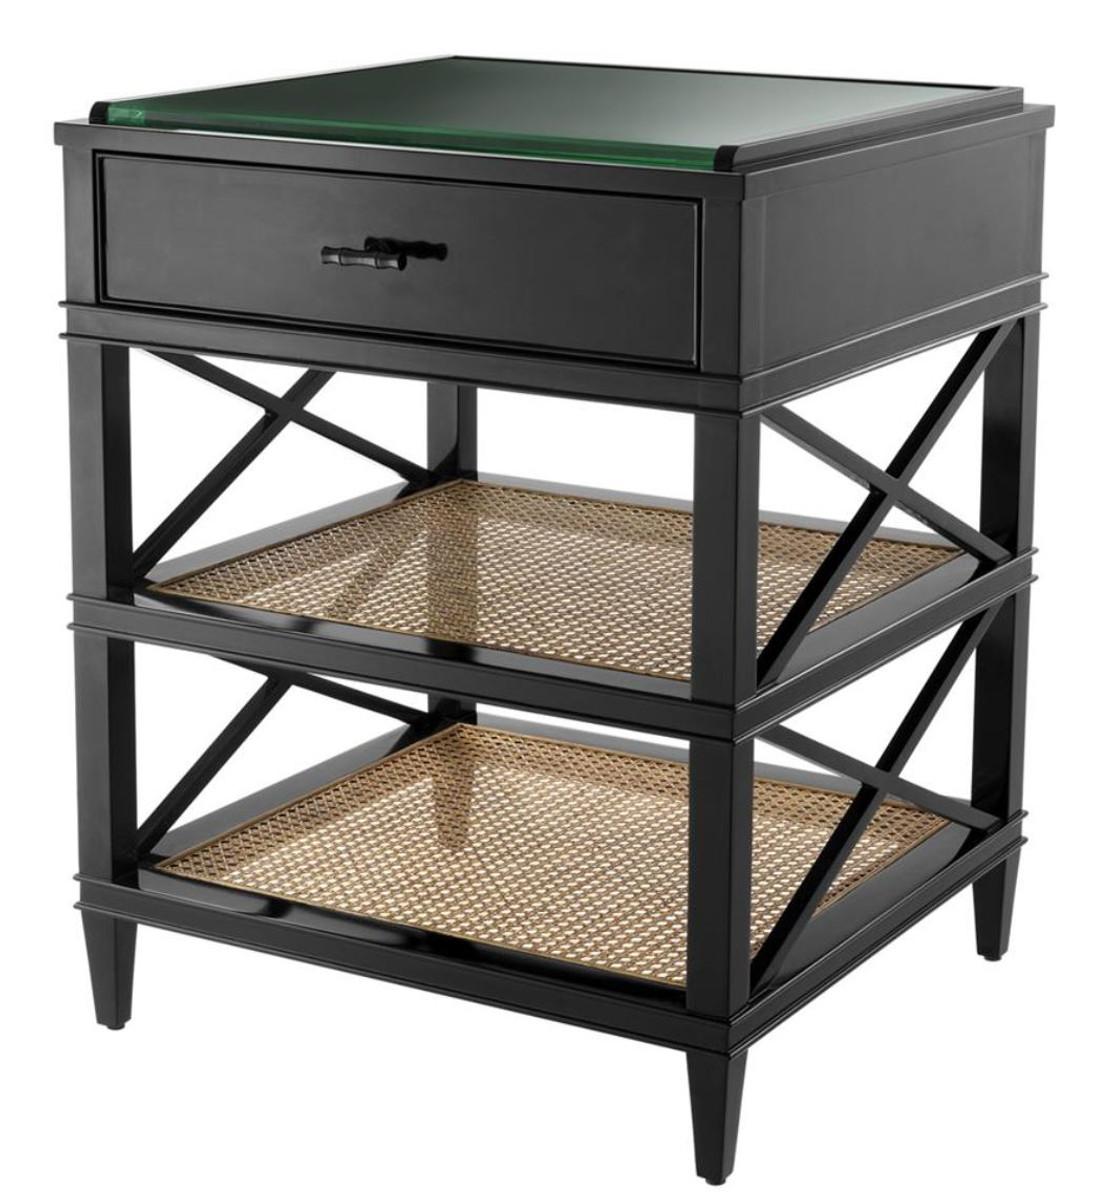 casa padrino luxus beistelltisch mit schublade und regal schwarz naturfarben bronze 60 x 56. Black Bedroom Furniture Sets. Home Design Ideas